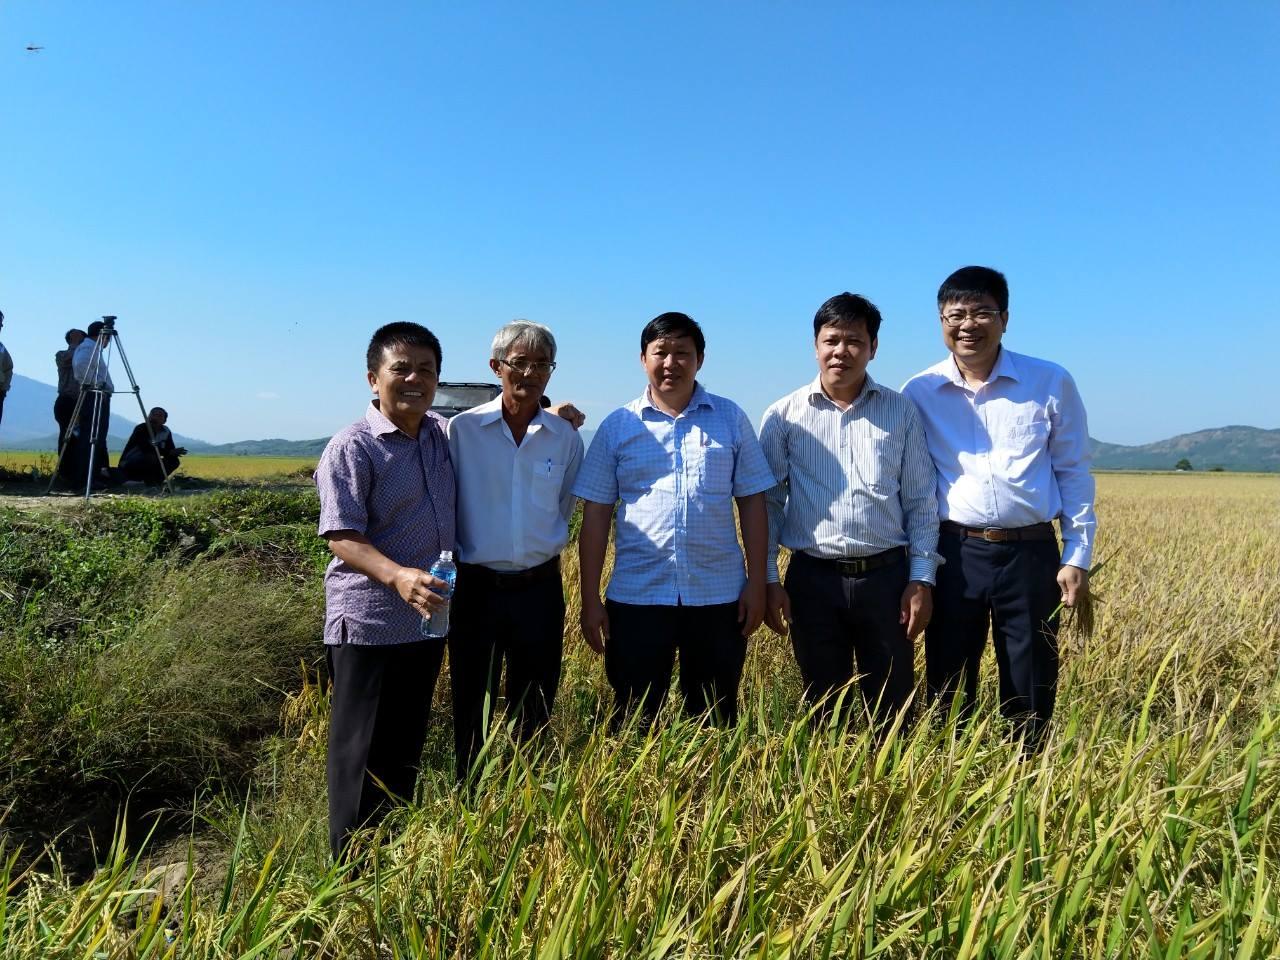 Hội thảo mô hình sản xuất giống lúa xác nhận cấp 1 cho hai giống lúa mới OM9915 và OM9921